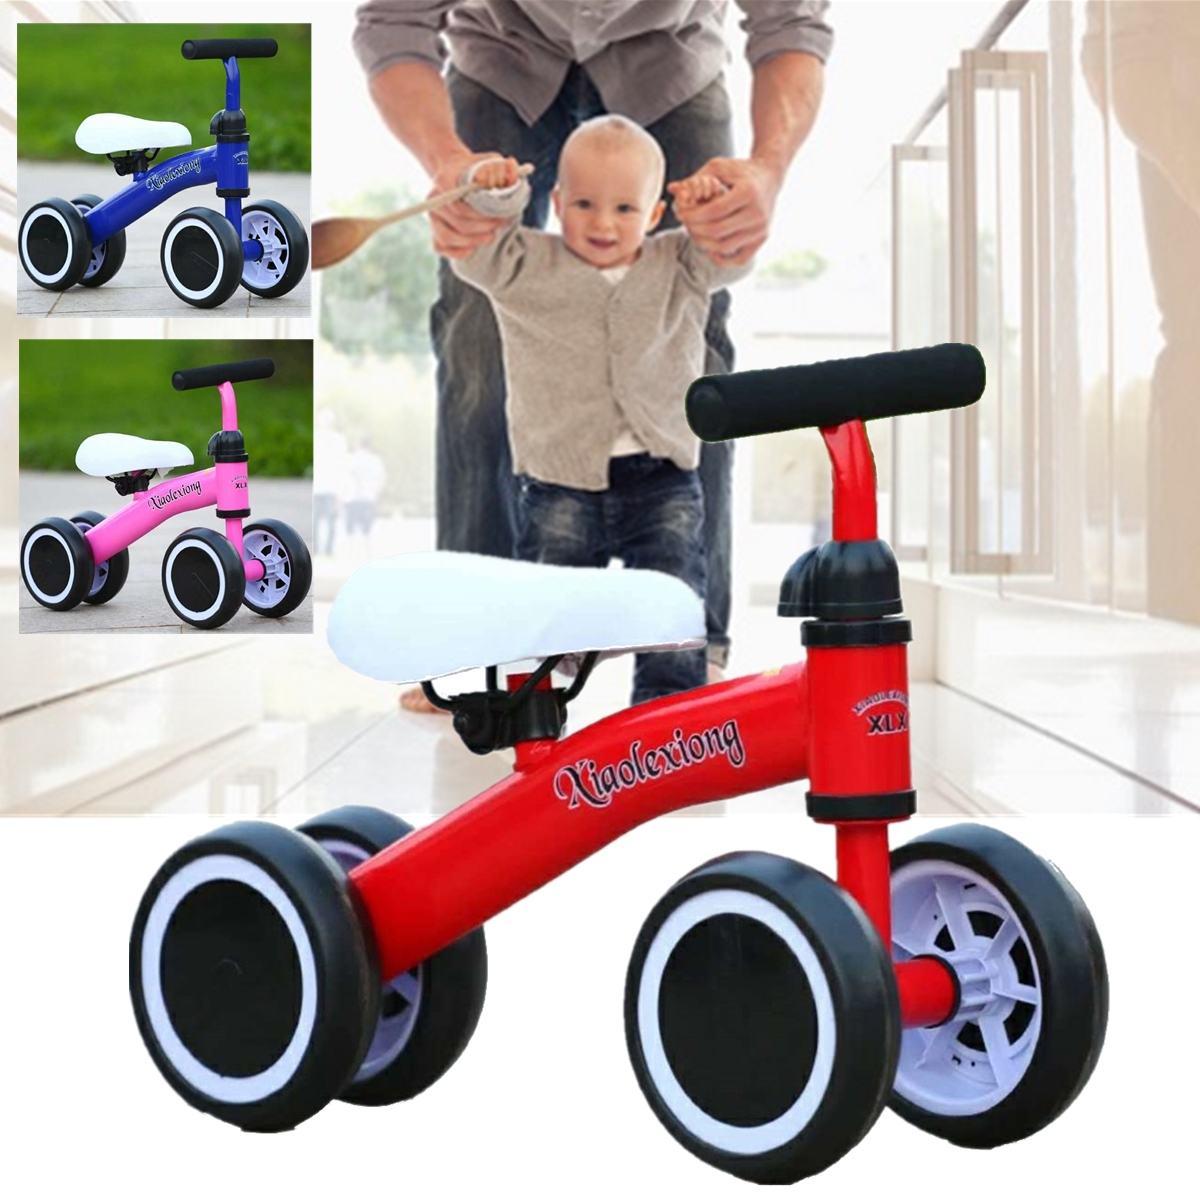 3 roues enfants Balance vélos Scooter bébé marcheur infantile 1-3 ans apprendre à marcher pas de pédale conduite vélo cadeau pour enfants vélo